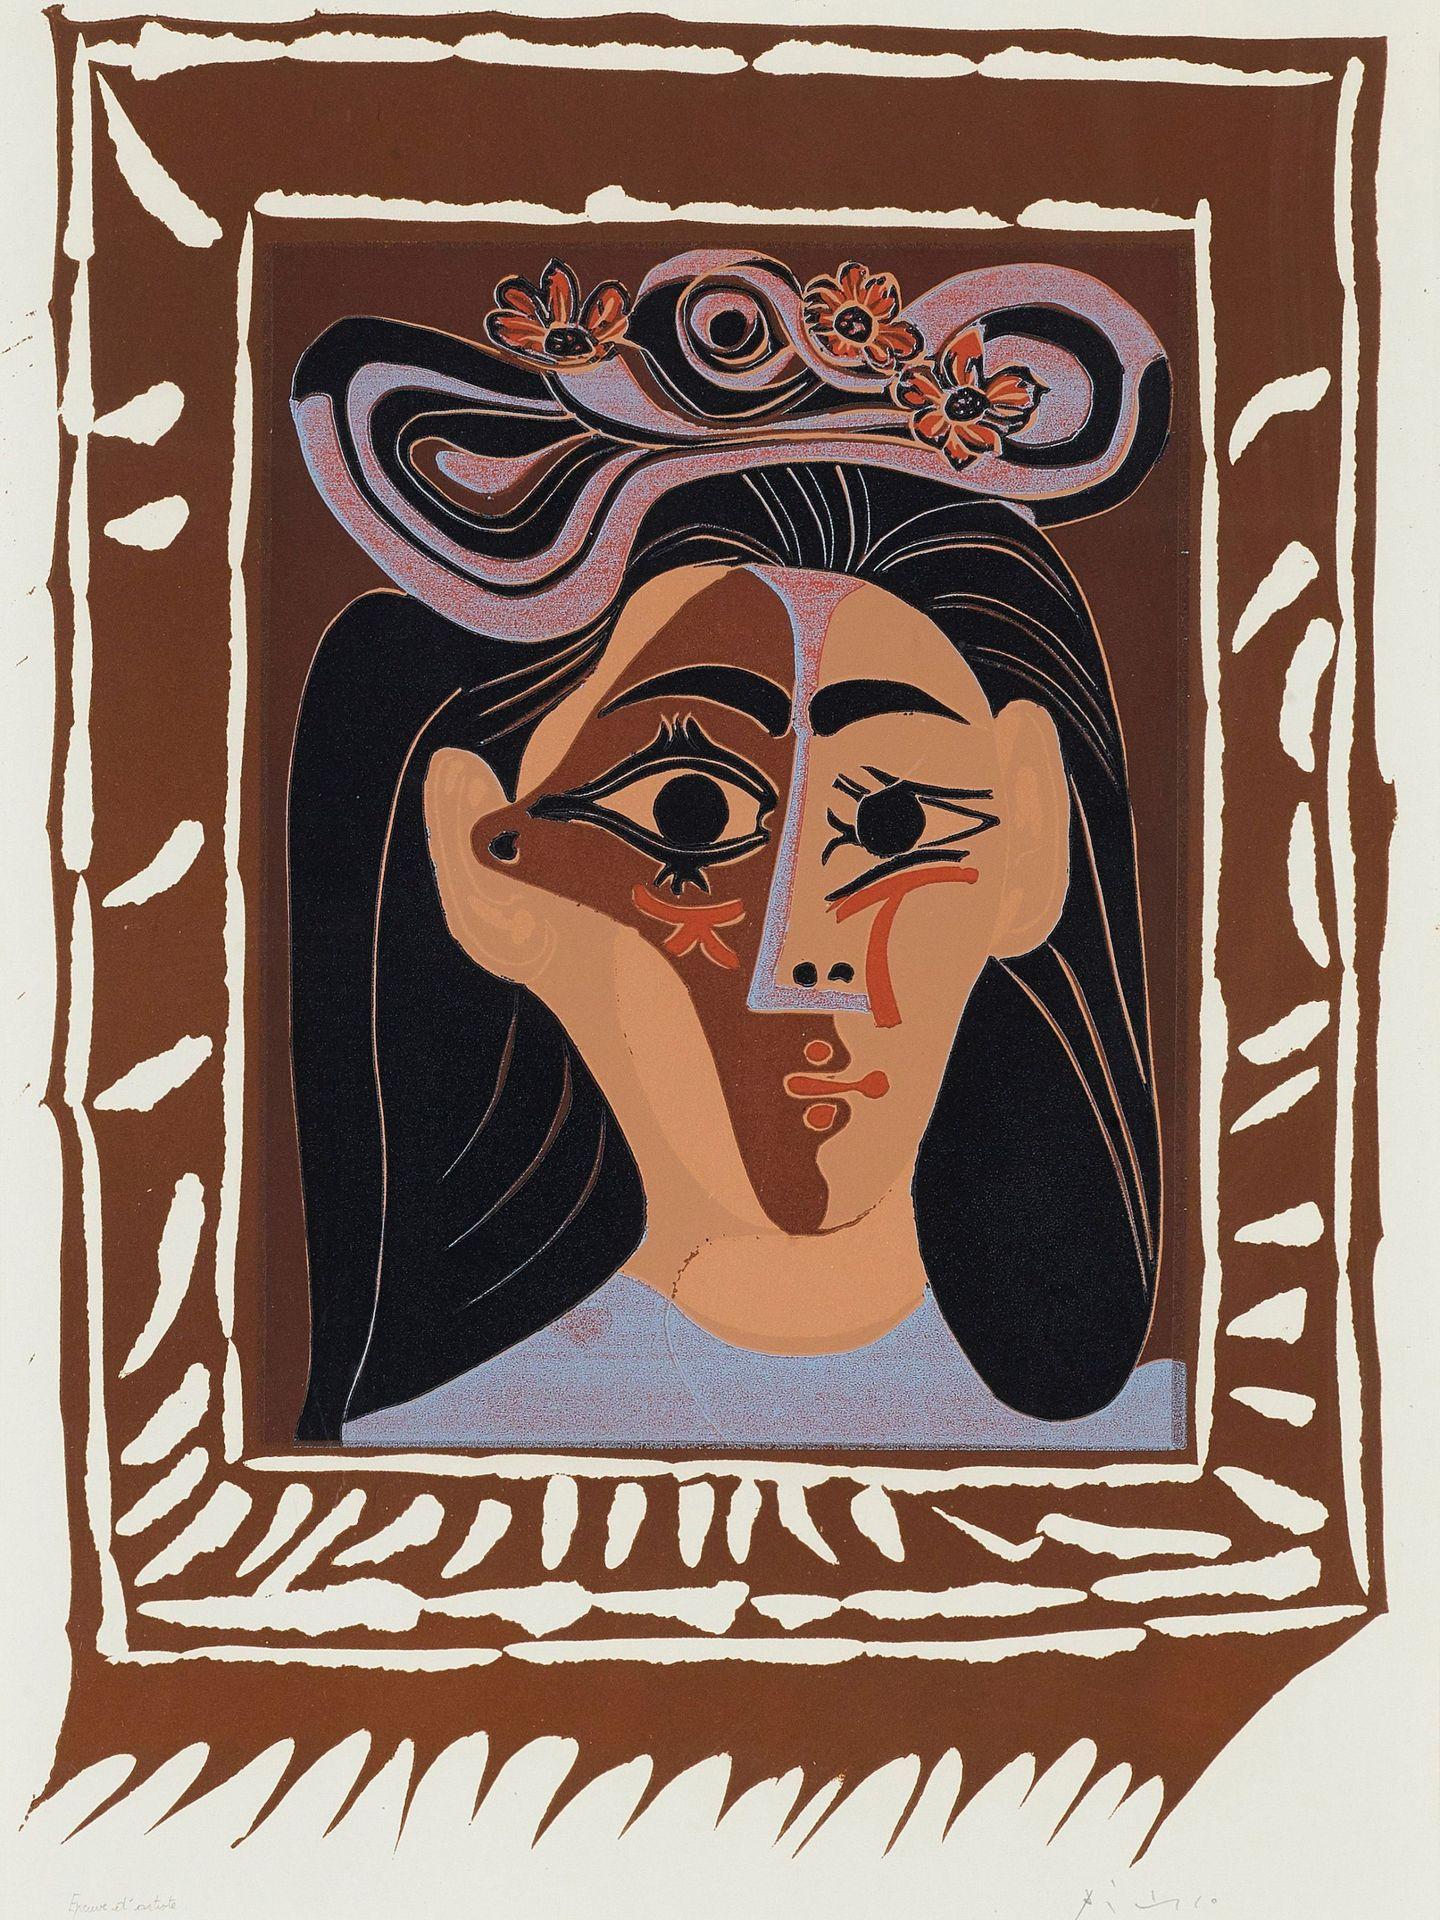 Una de las obras de Picasso en posesión de su nieta. (EFE)